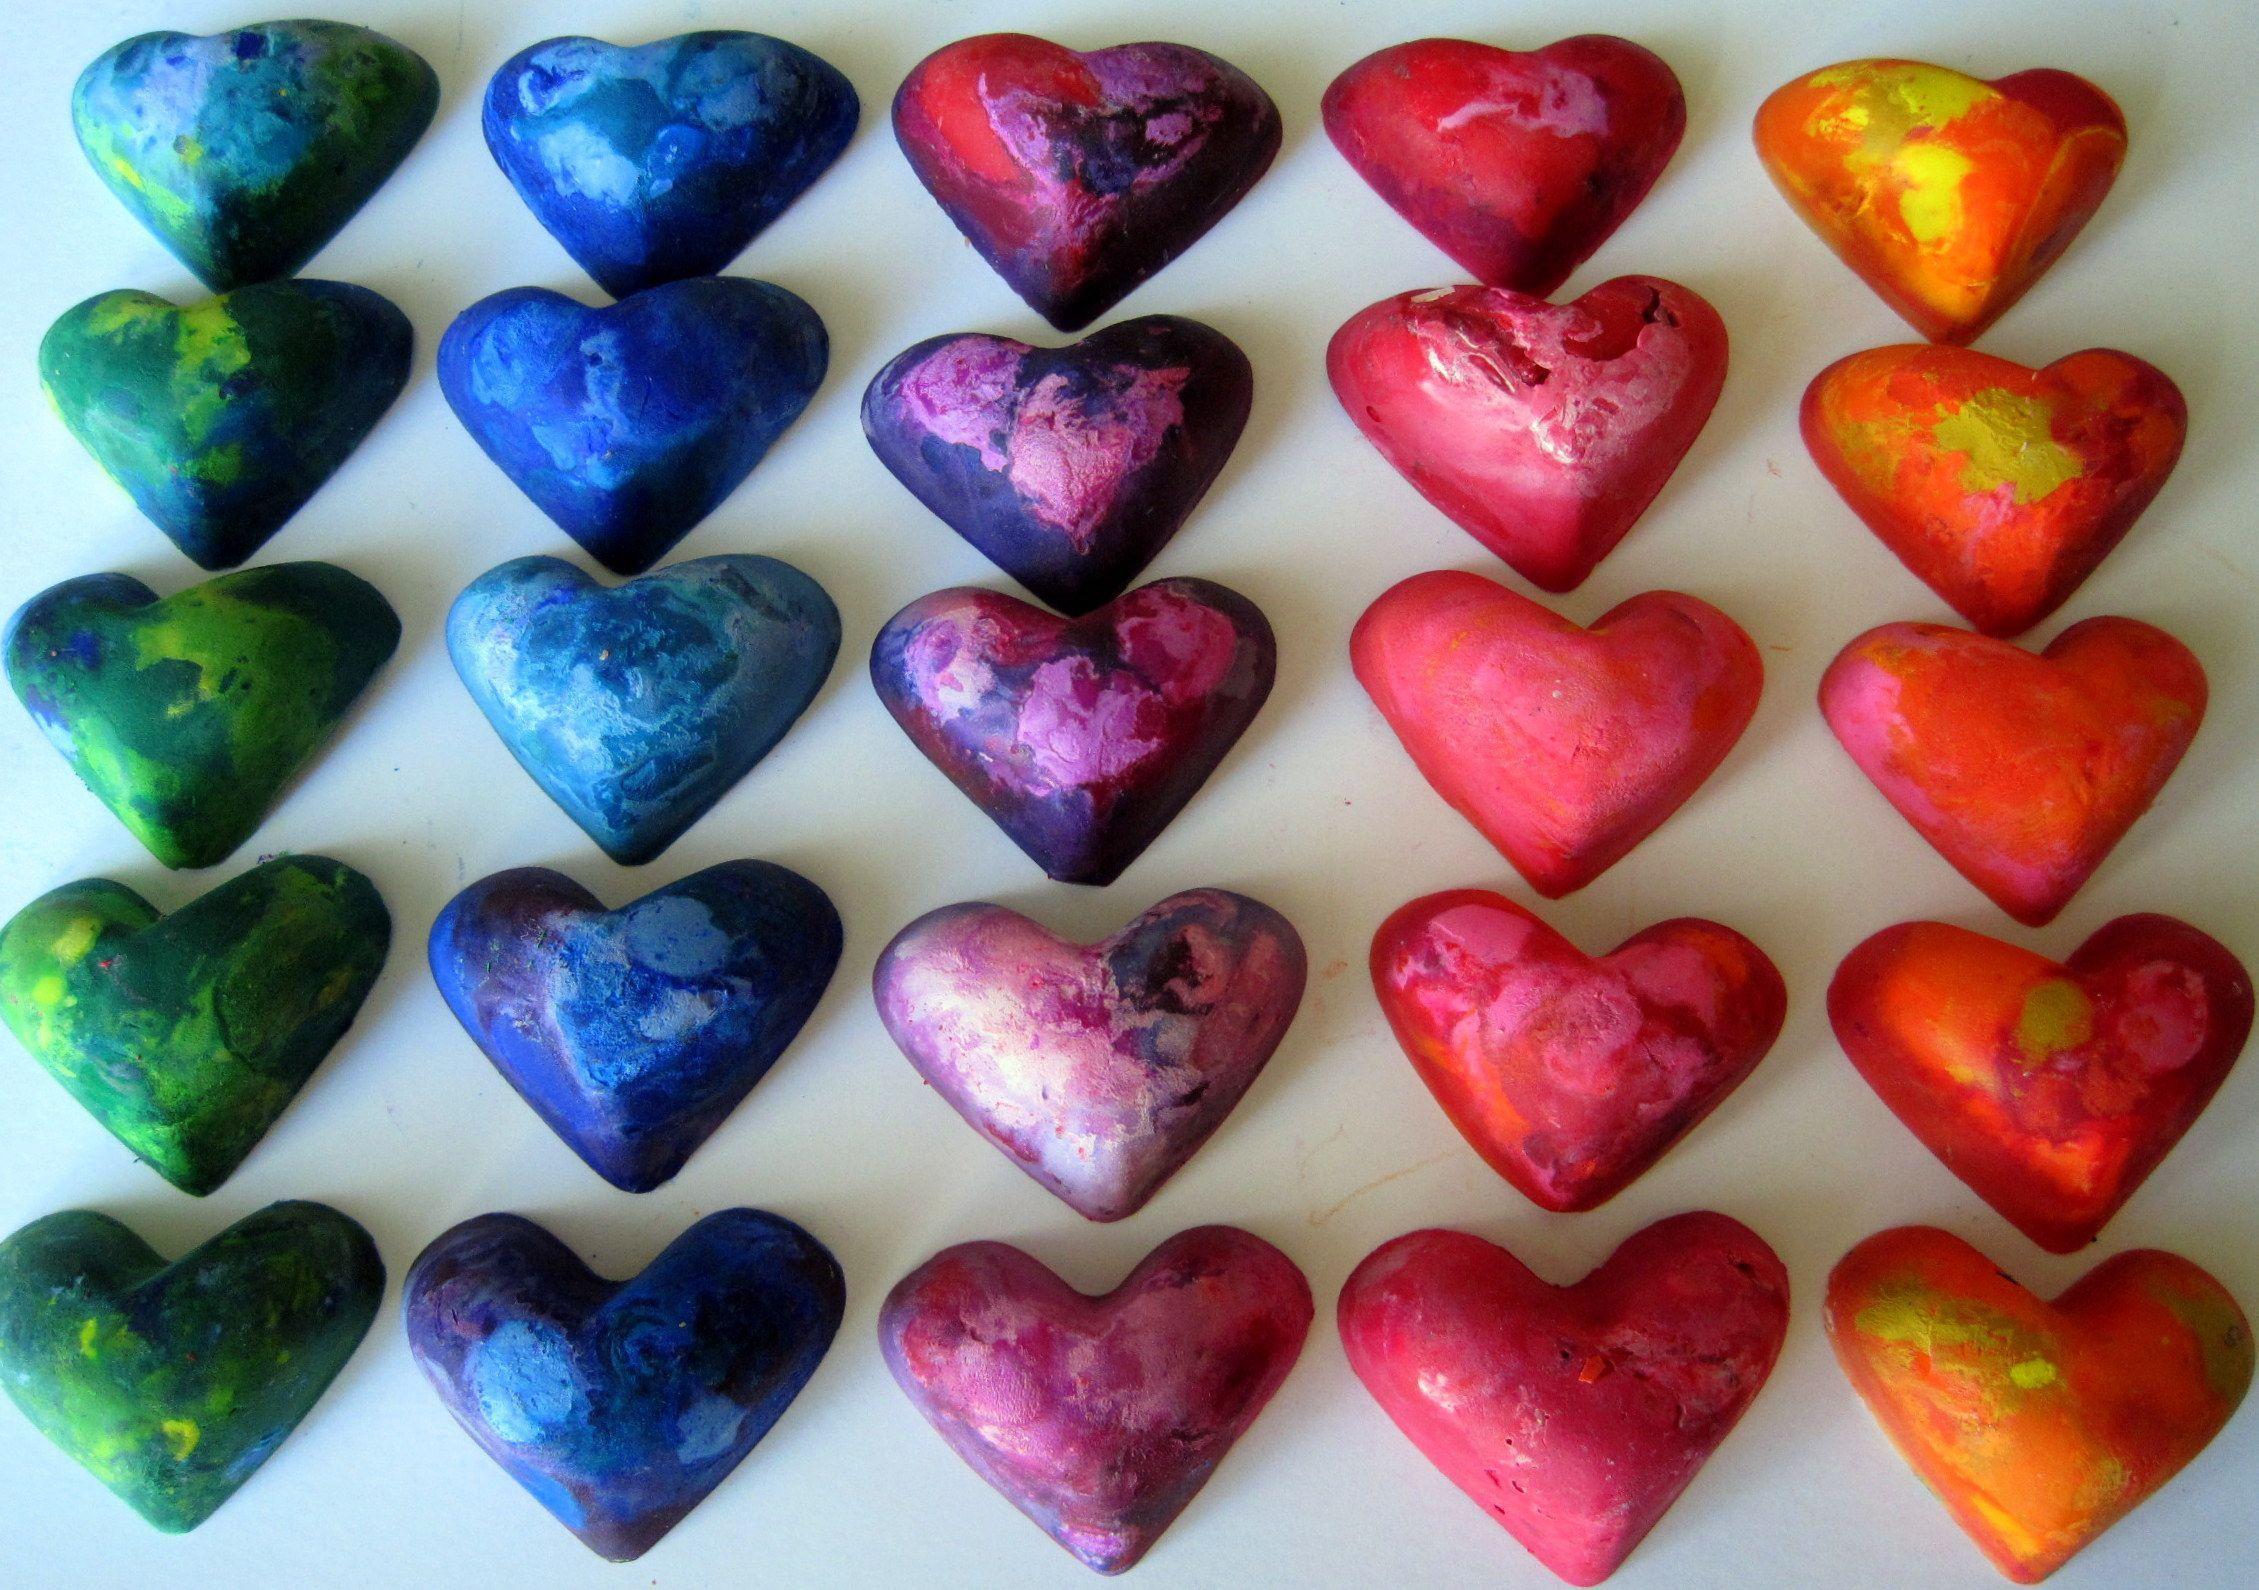 Crayon Heart Valentines #crayonheart Crayon Hearts with Ikea Mold #crayonheart Crayon Heart Valentines #crayonheart Crayon Hearts with Ikea Mold #crayonheart